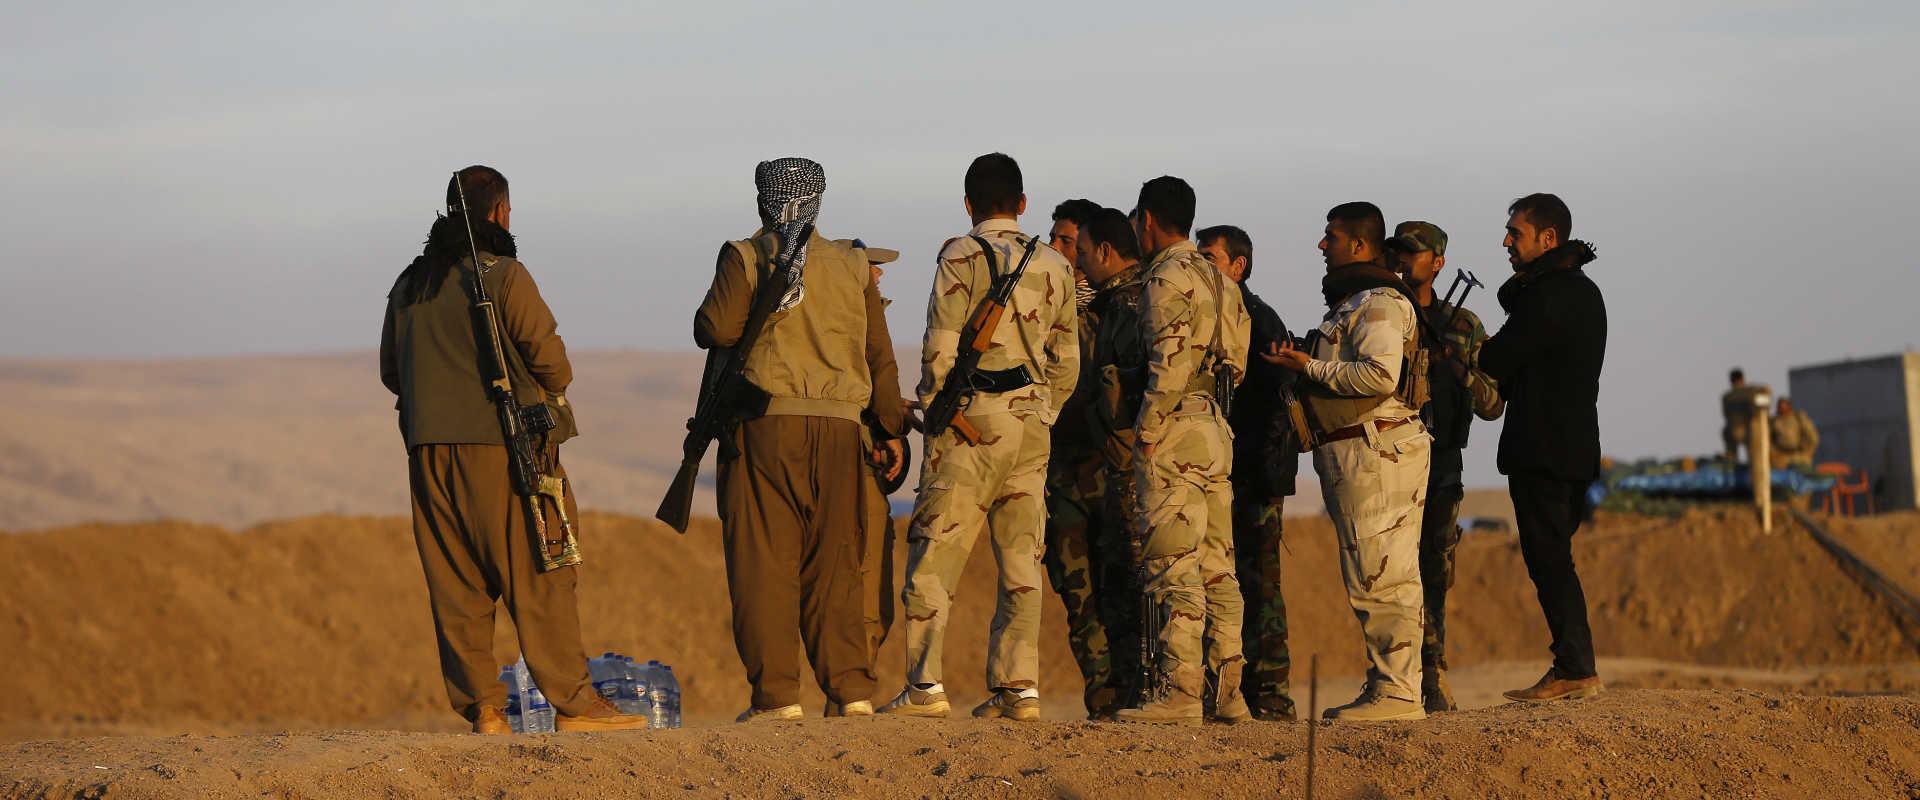 כוחות כורדים בעיראק